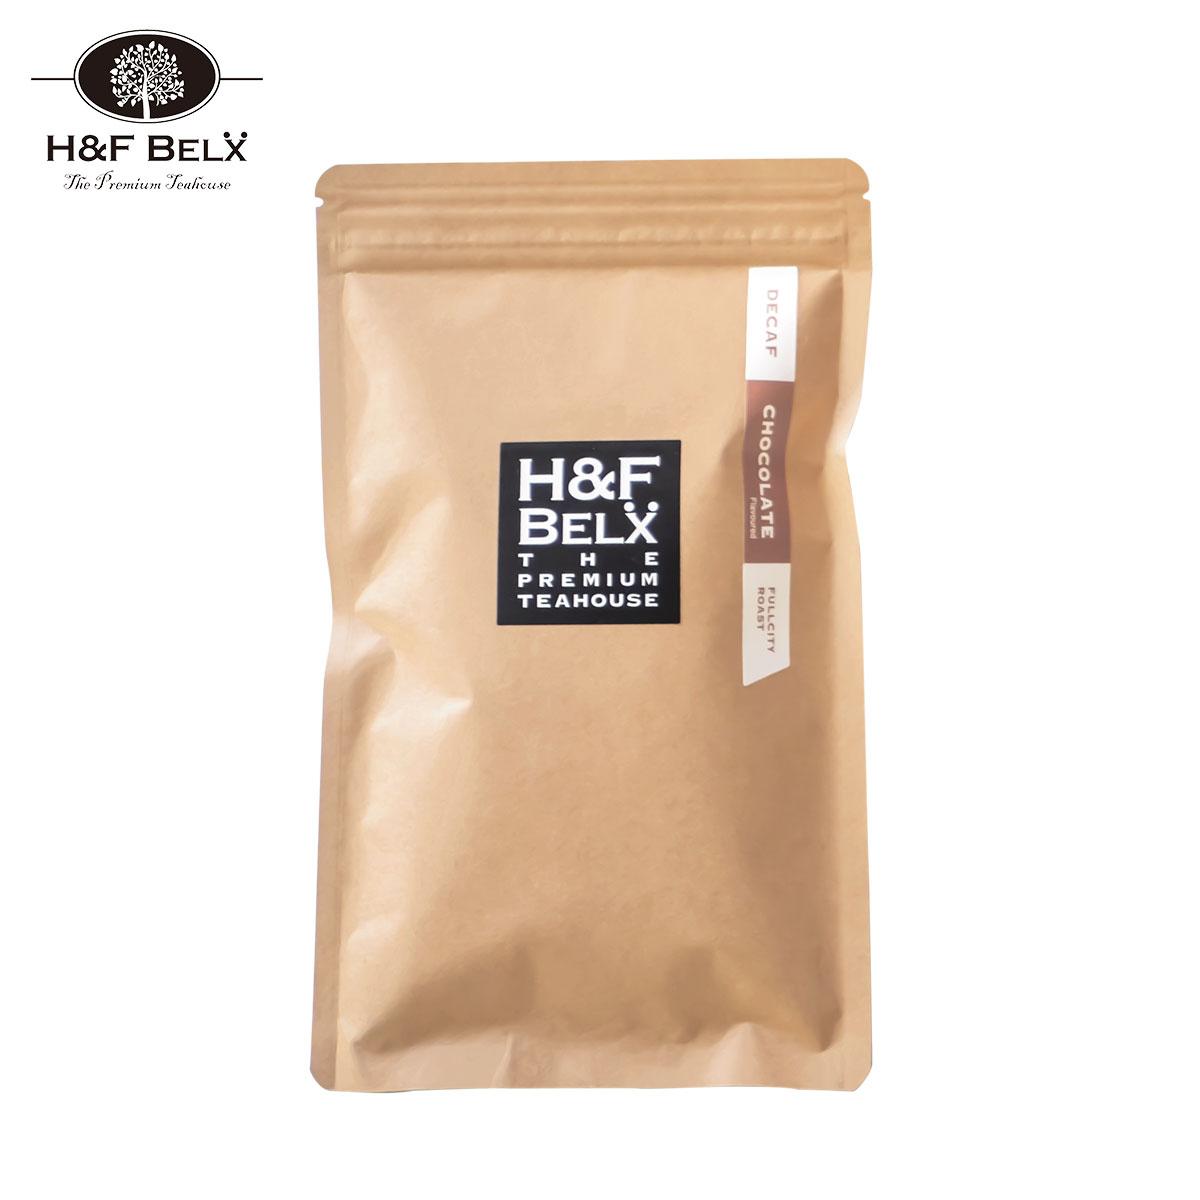 カフェイン0.00gデカフェコーヒーチョコレートフレーバー|甘くほろ苦い、チョコレートの香りが付いたデカフェコーヒー。フルシティーローストでカフェオレにしても相性抜群。